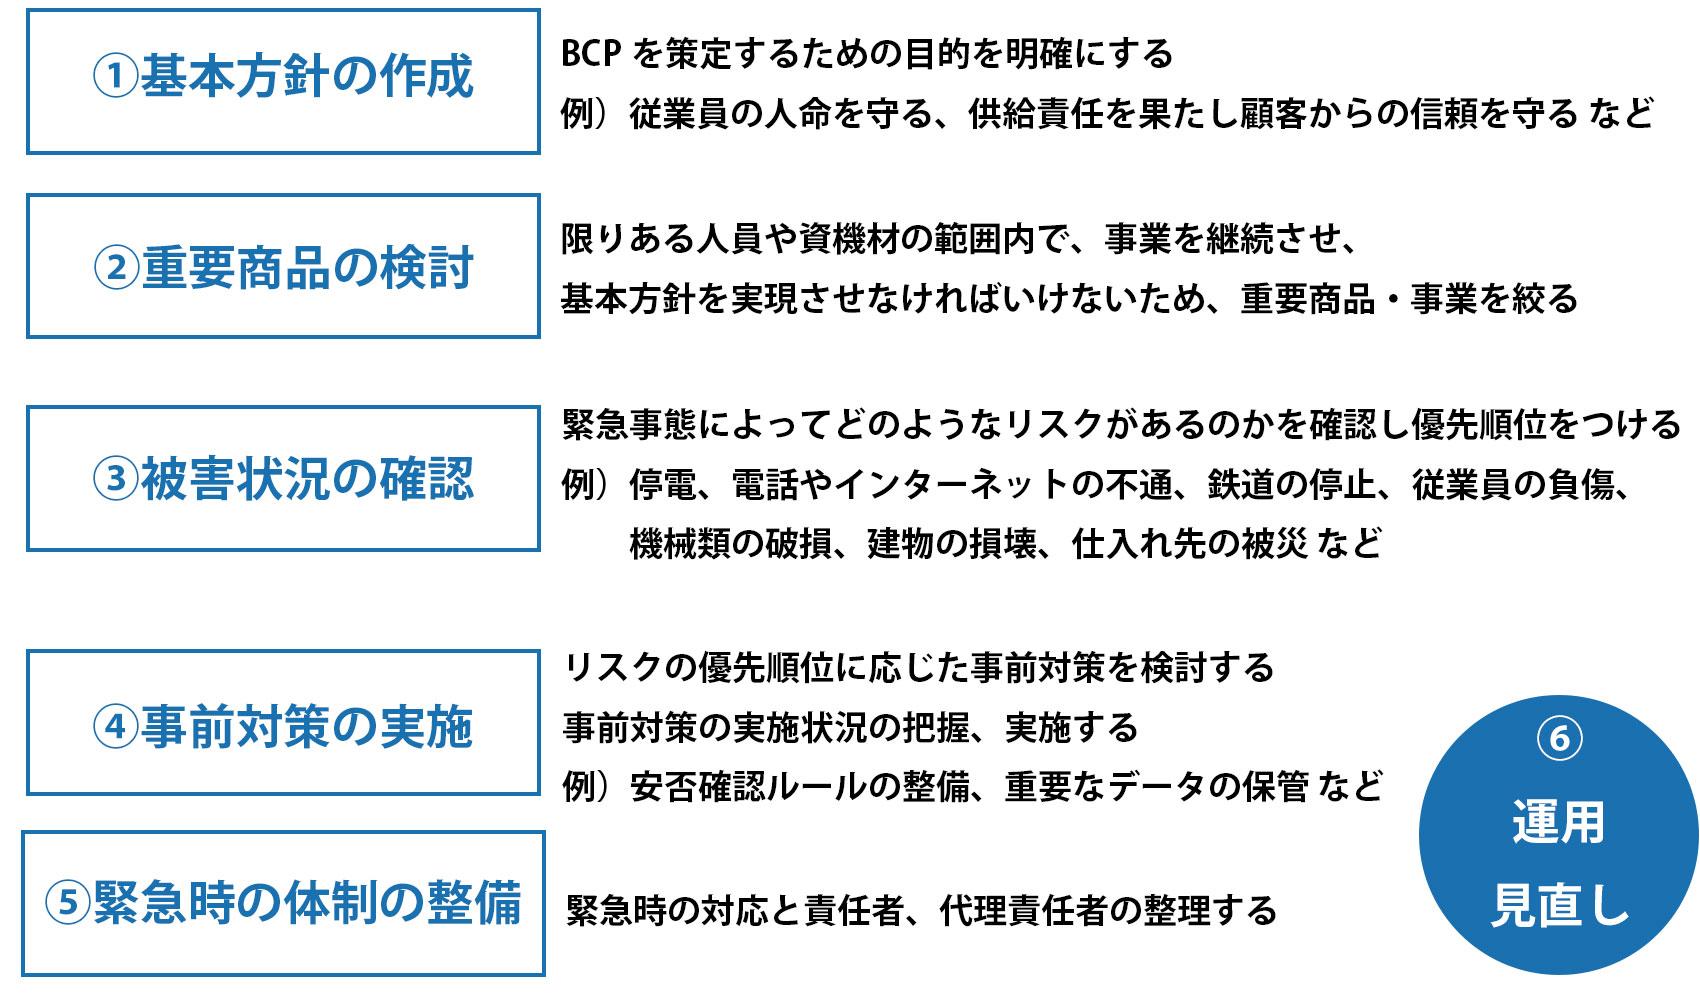 BCP対策とは。具体的な策定手順をまとめ